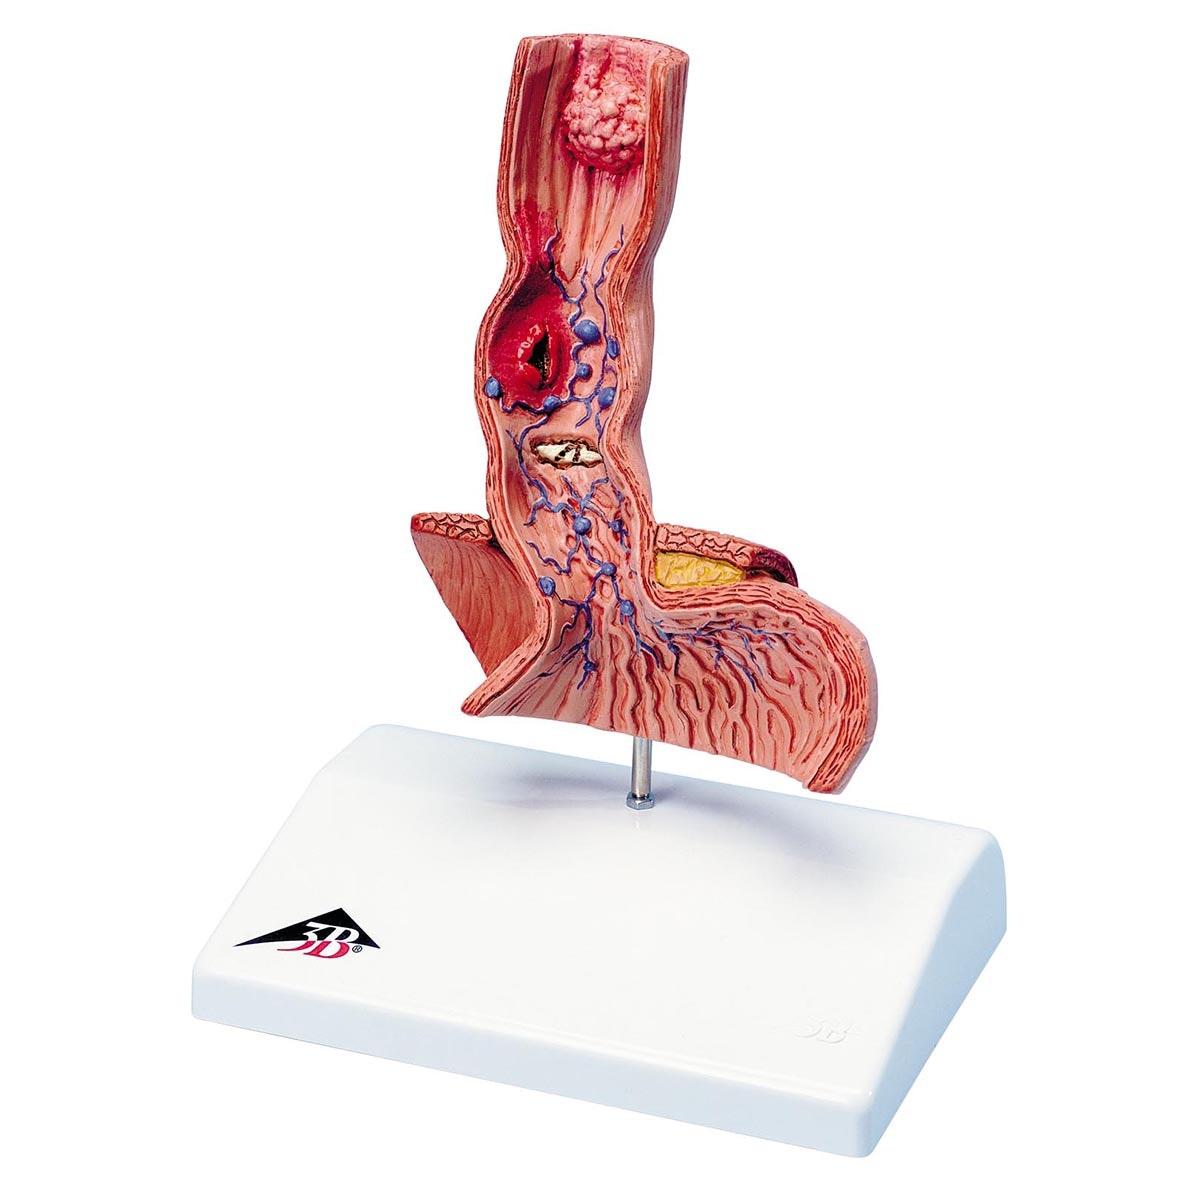 Model af spiserøret med sygdomme